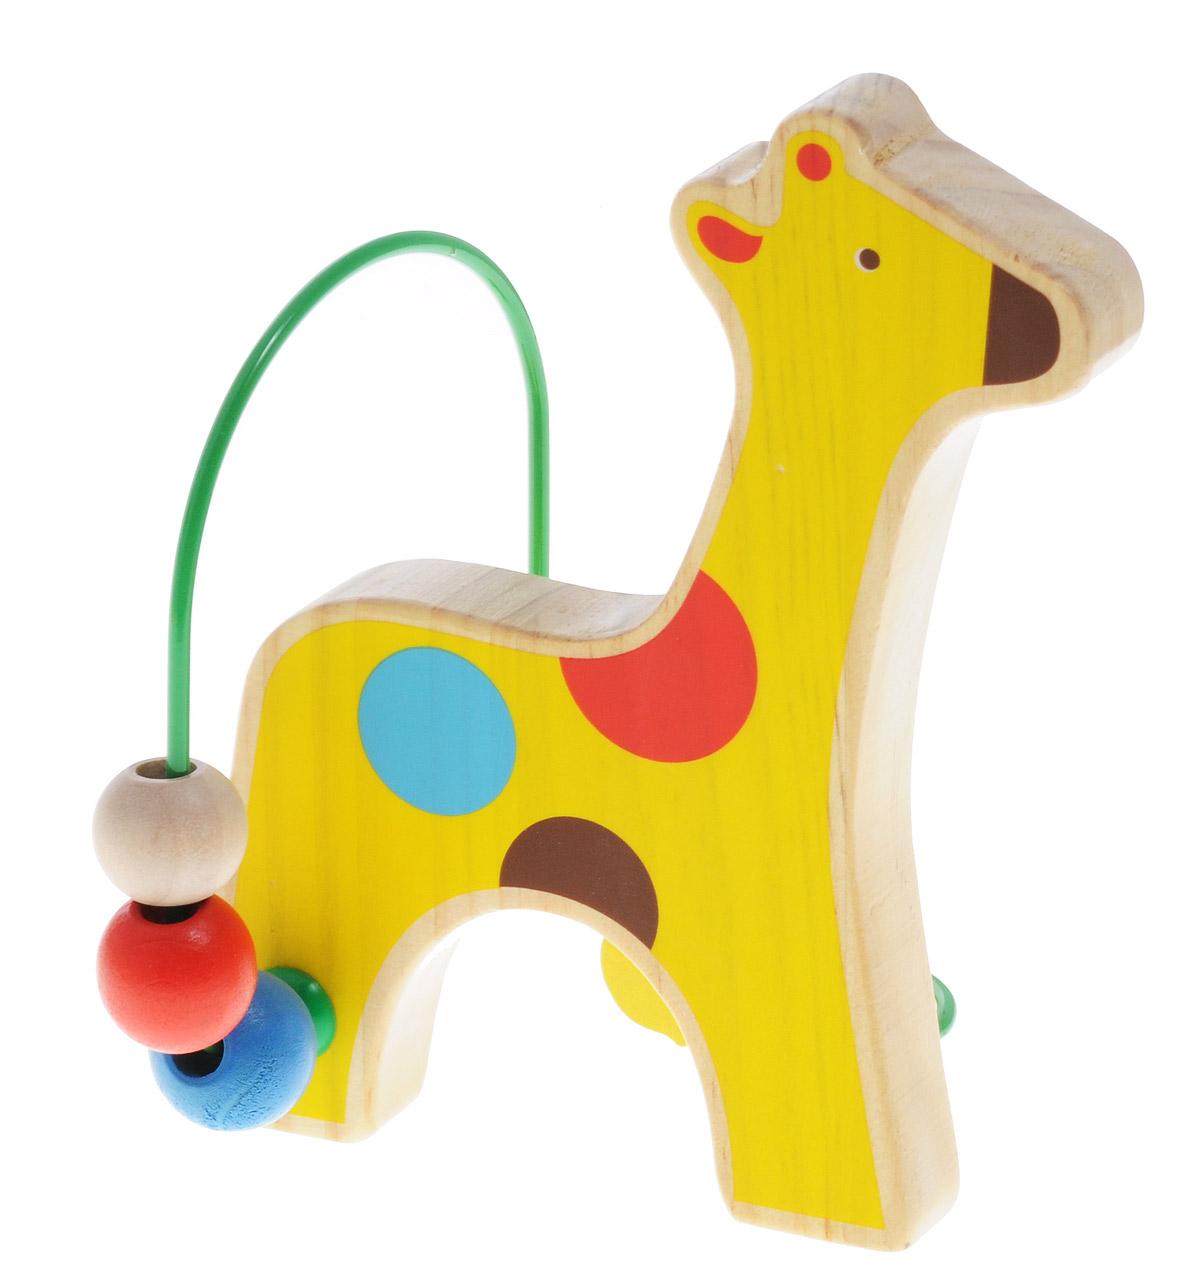 Мир деревянных игрушек Лабиринт ЖирафД348Лабиринт Мир деревянных игрушек Жираф - это замечательная игрушка для малышей! Игрушка в виде жирафа выполнена из качественных материалов по европейским стандартам и покрыта специальной краской на водной основе, которая абсолютно безопасна для вашего малыша. Краска устойчива к воздействию влаги и нетоксична, рисунок на изделии долгое время будет сохранять яркость. Натуральное дерево, из которого изготовлена игрушка, прошло специальную обработку, в результате чего на модели не осталось острых углов или шероховатых поверхностей, которые могут повредить кожу ребенка. Производитель использует только экологически чистую новозеландскую сосну для производства своих игрушек. К игрушке прикреплена изогнутая проволока, по которой свободно могут двигаться фигурки, различные по цвету и форме. Мелкие детали не снимаются. Лабиринт способствует развитию моторики, тренирует мышцы кисти, отрабатывает круговые движения, стимулирует визуальное восприятие, когнитивное мышление, развивает...